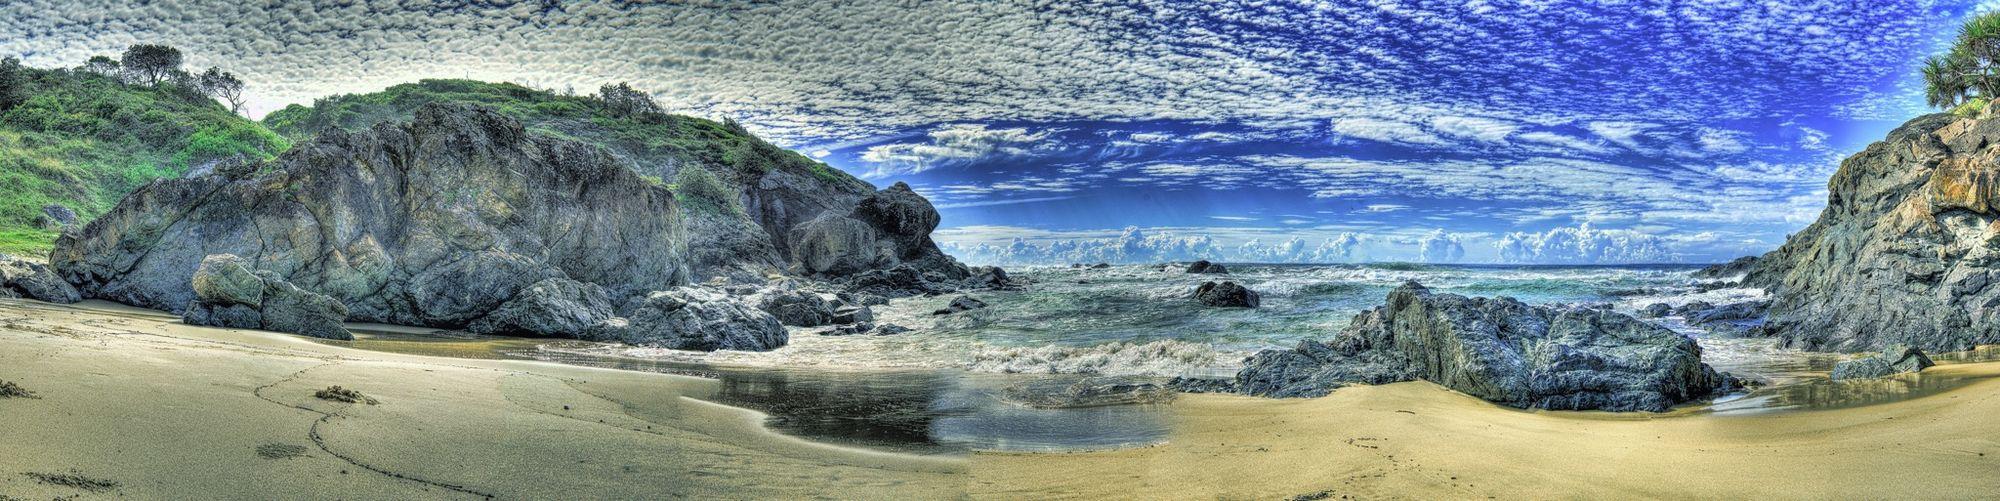 HDR Panorama Seascapes Port Macquarie Australia Beach Landscape Landscape_Collection EyeEm Best Shots - Landscape Seascape